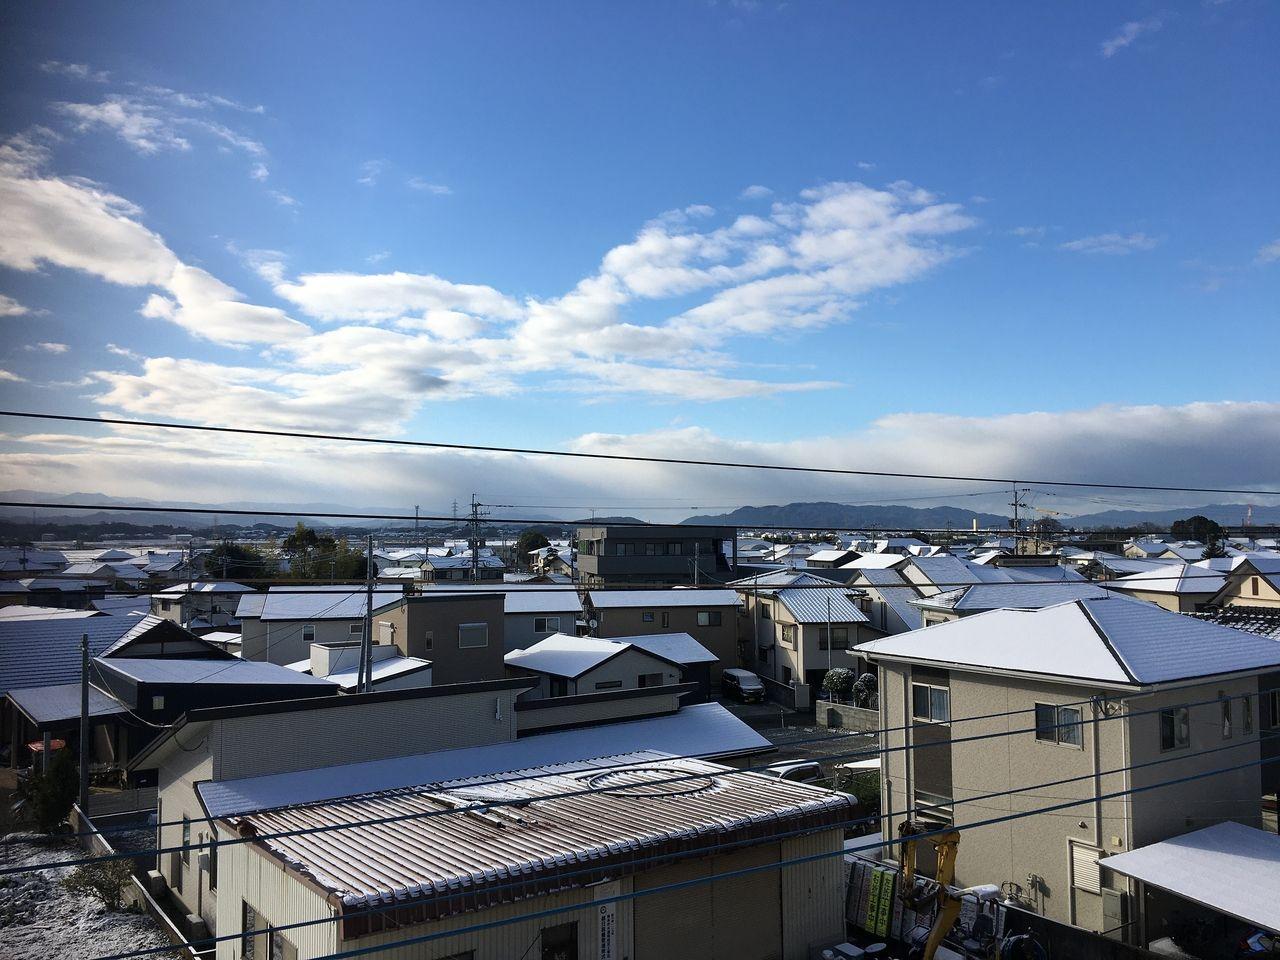 30日から降った雪が31日の朝には晴れた空のもと一面の銀世界となっています